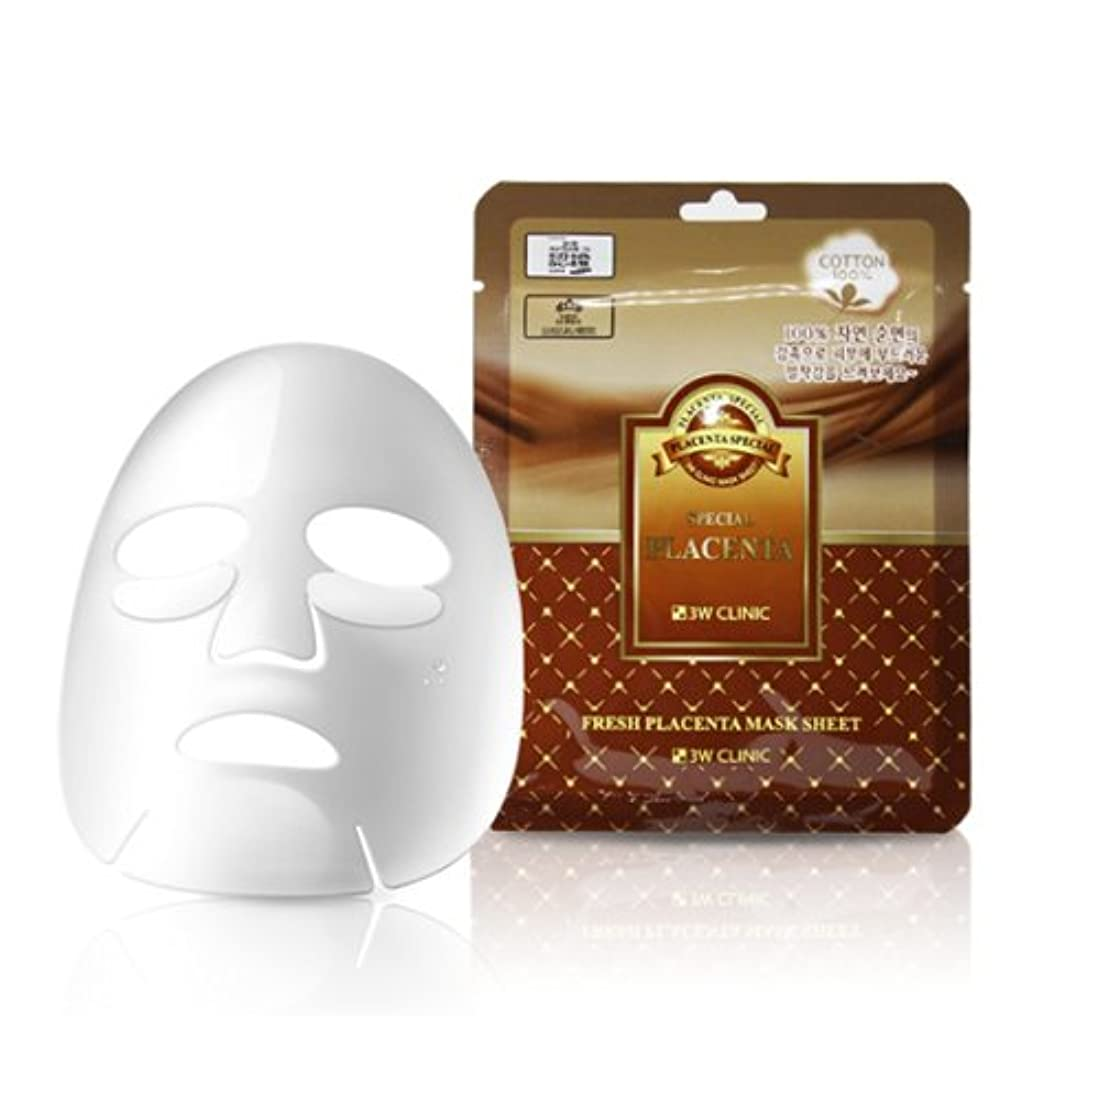 下線筋肉の人類3Wクリニック[韓国コスメ3w Clinic]Premium Placenta Mask Pack プレミアムプラセンタシートマスクパック10枚[並行輸入品]